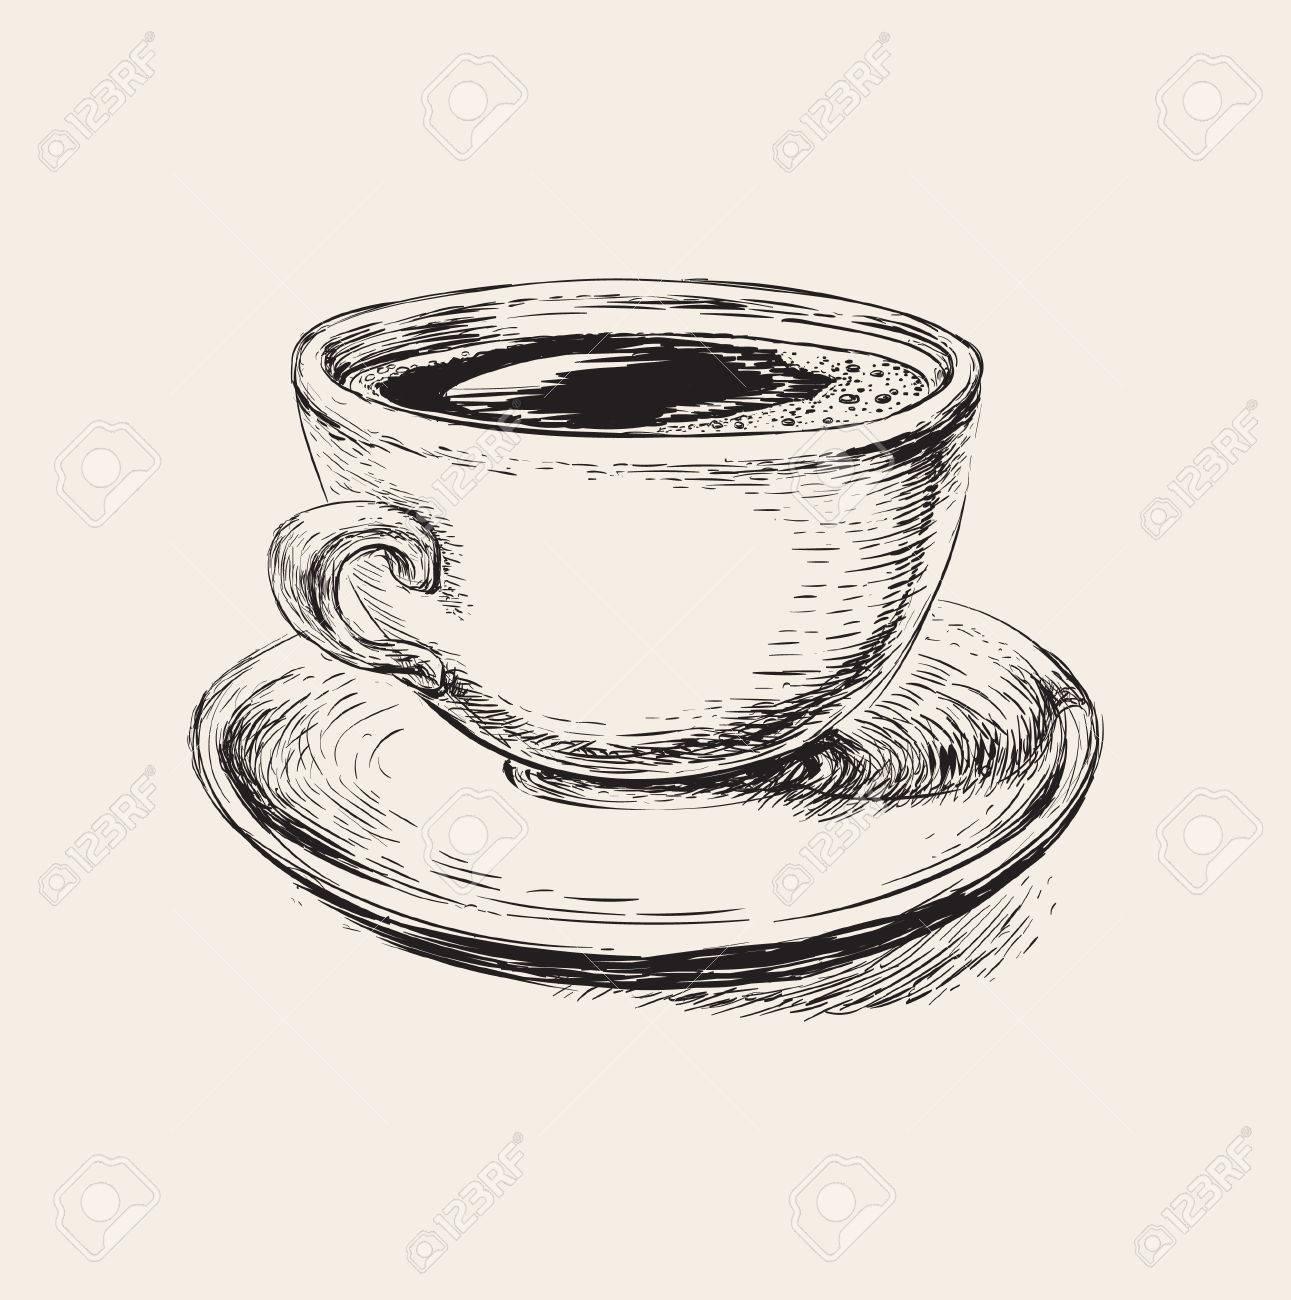 Vettoriale Caffè Disegno Tazza Di Caffè Illustrazione Sketch Tazza